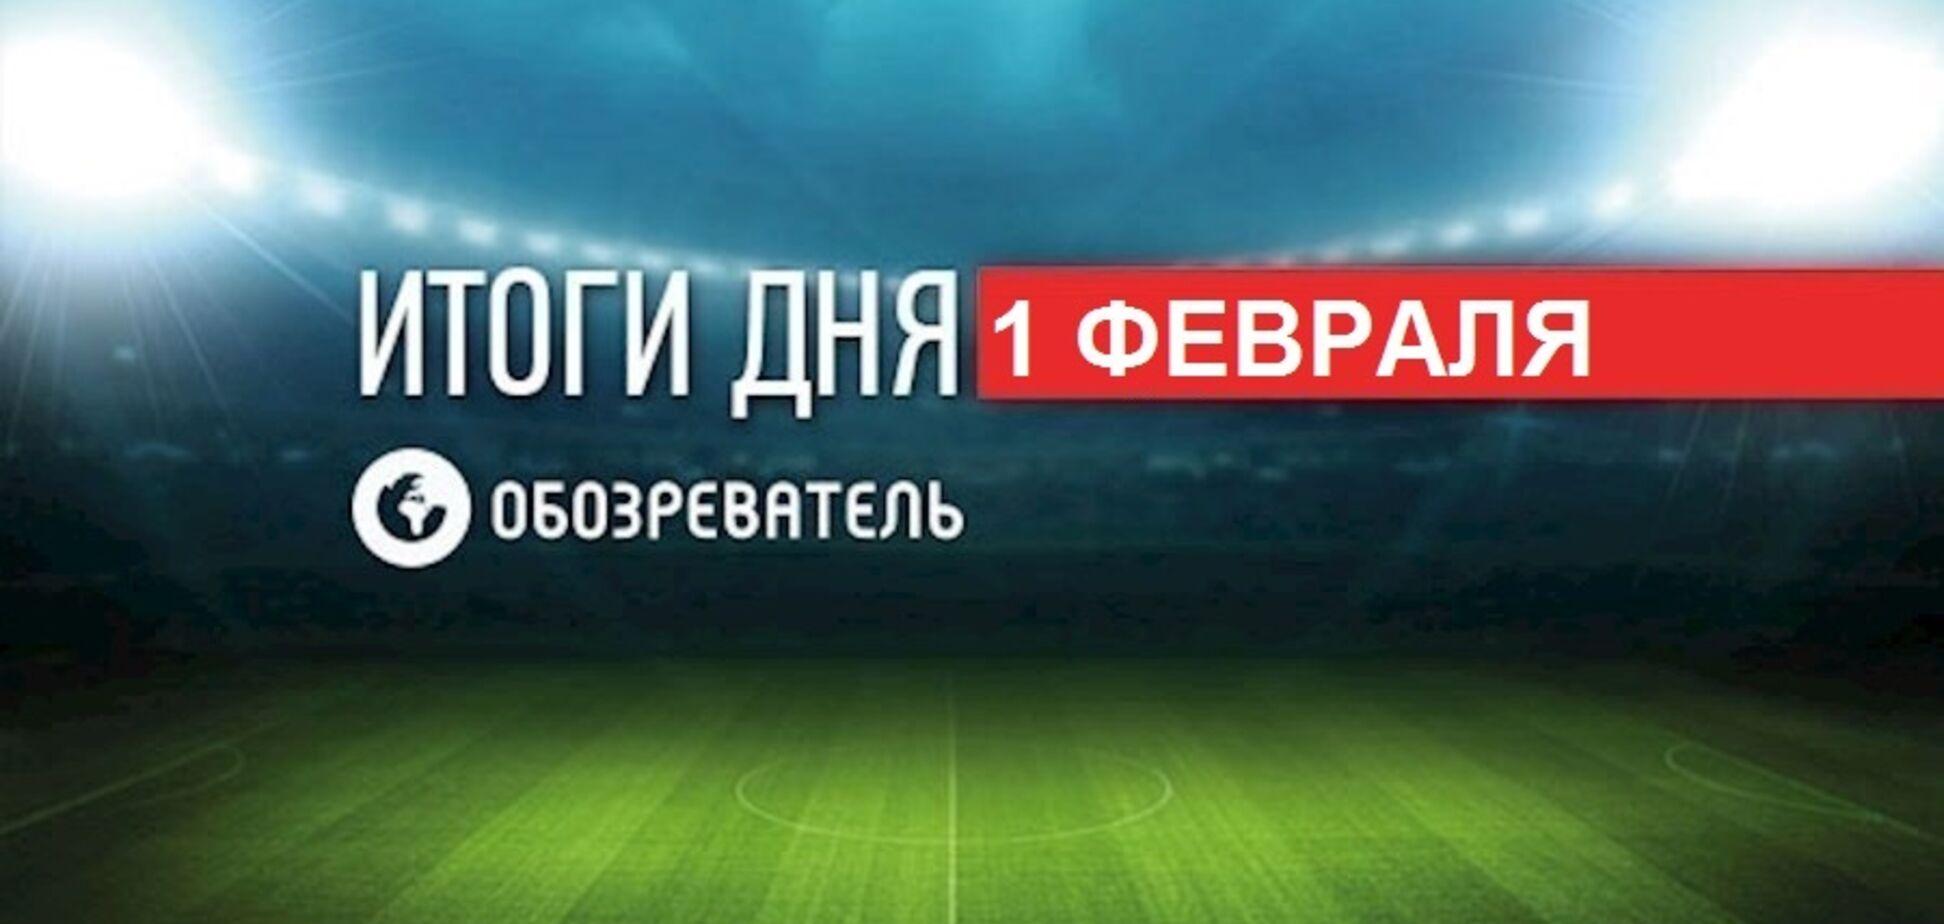 Чемпион WBC сделал признание об украинском языке: спортивные итоги 1 февраля